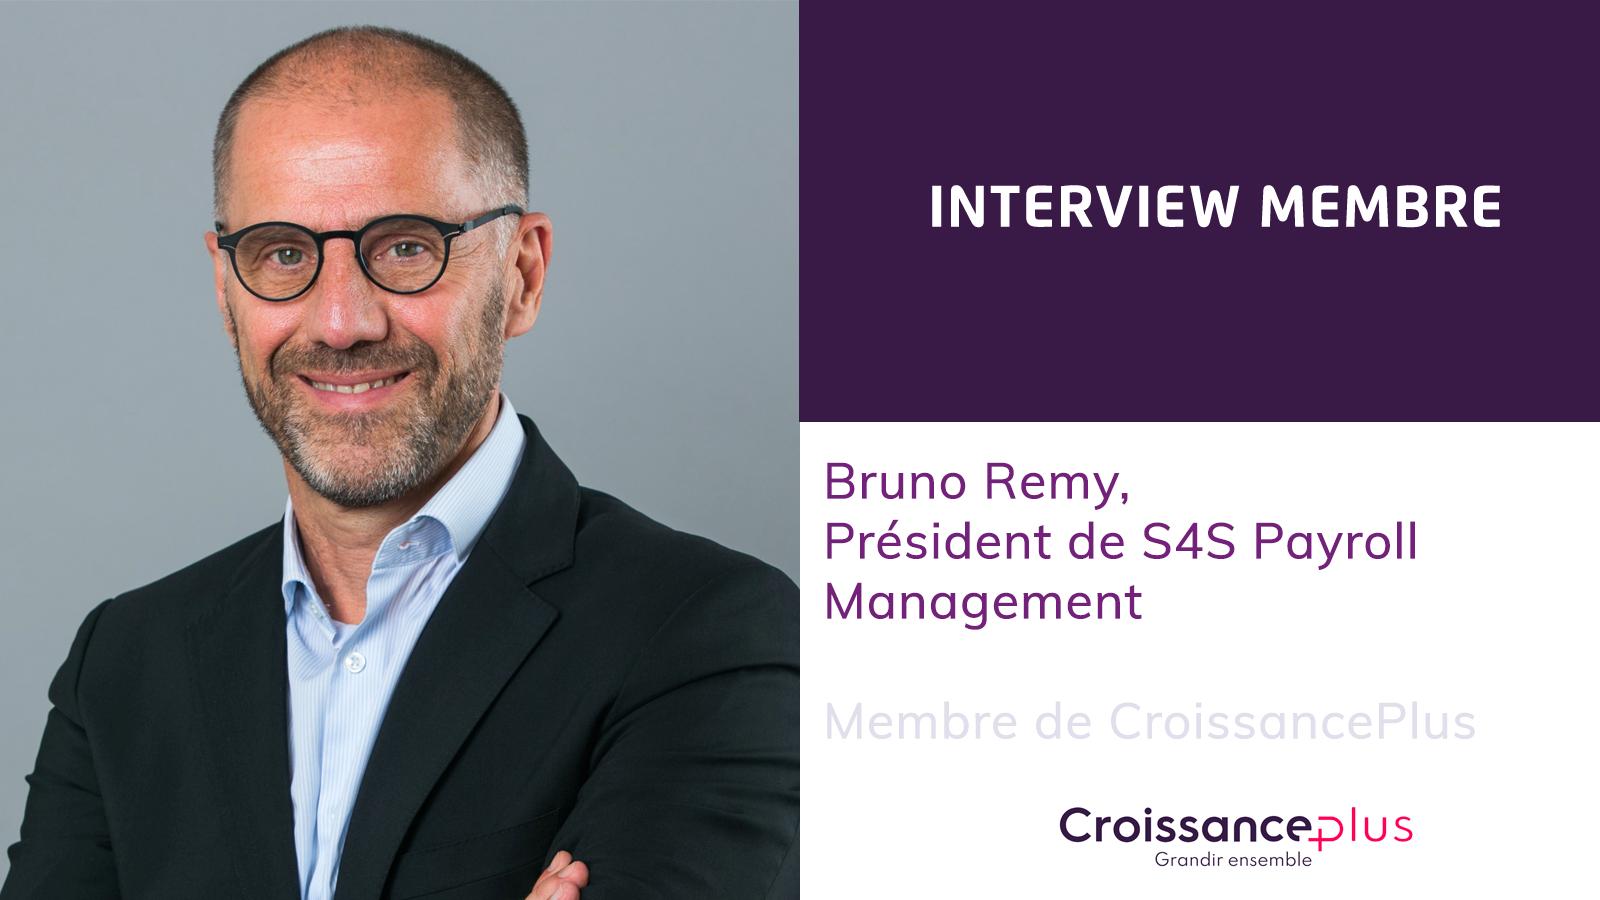 Découvrez Bruno Rémy, Président de S4S Payroll Management